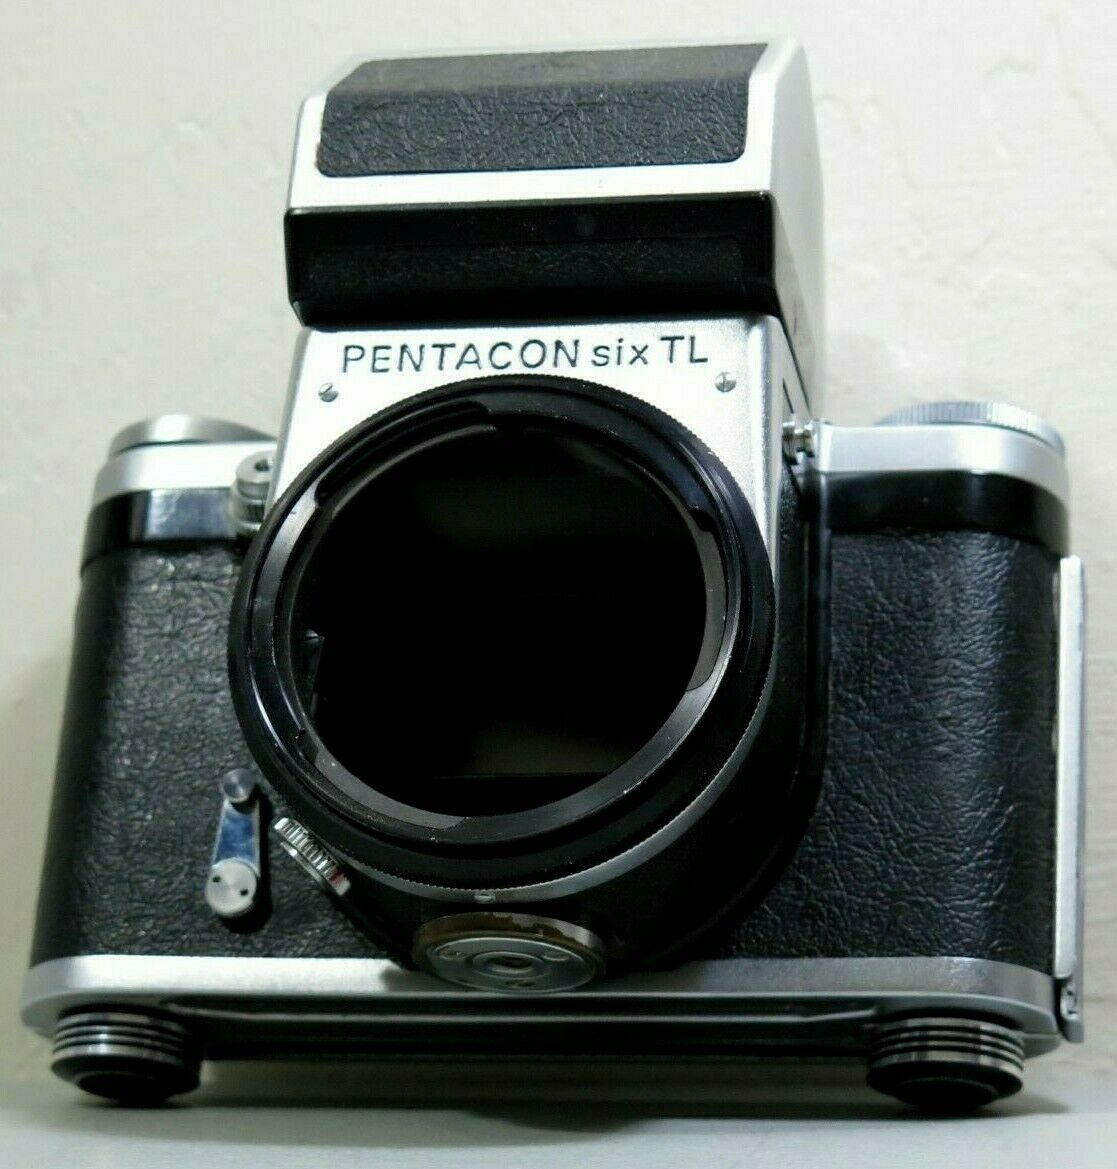 Pentacon Six TL Medium Format German SLR Camera Body Vintage